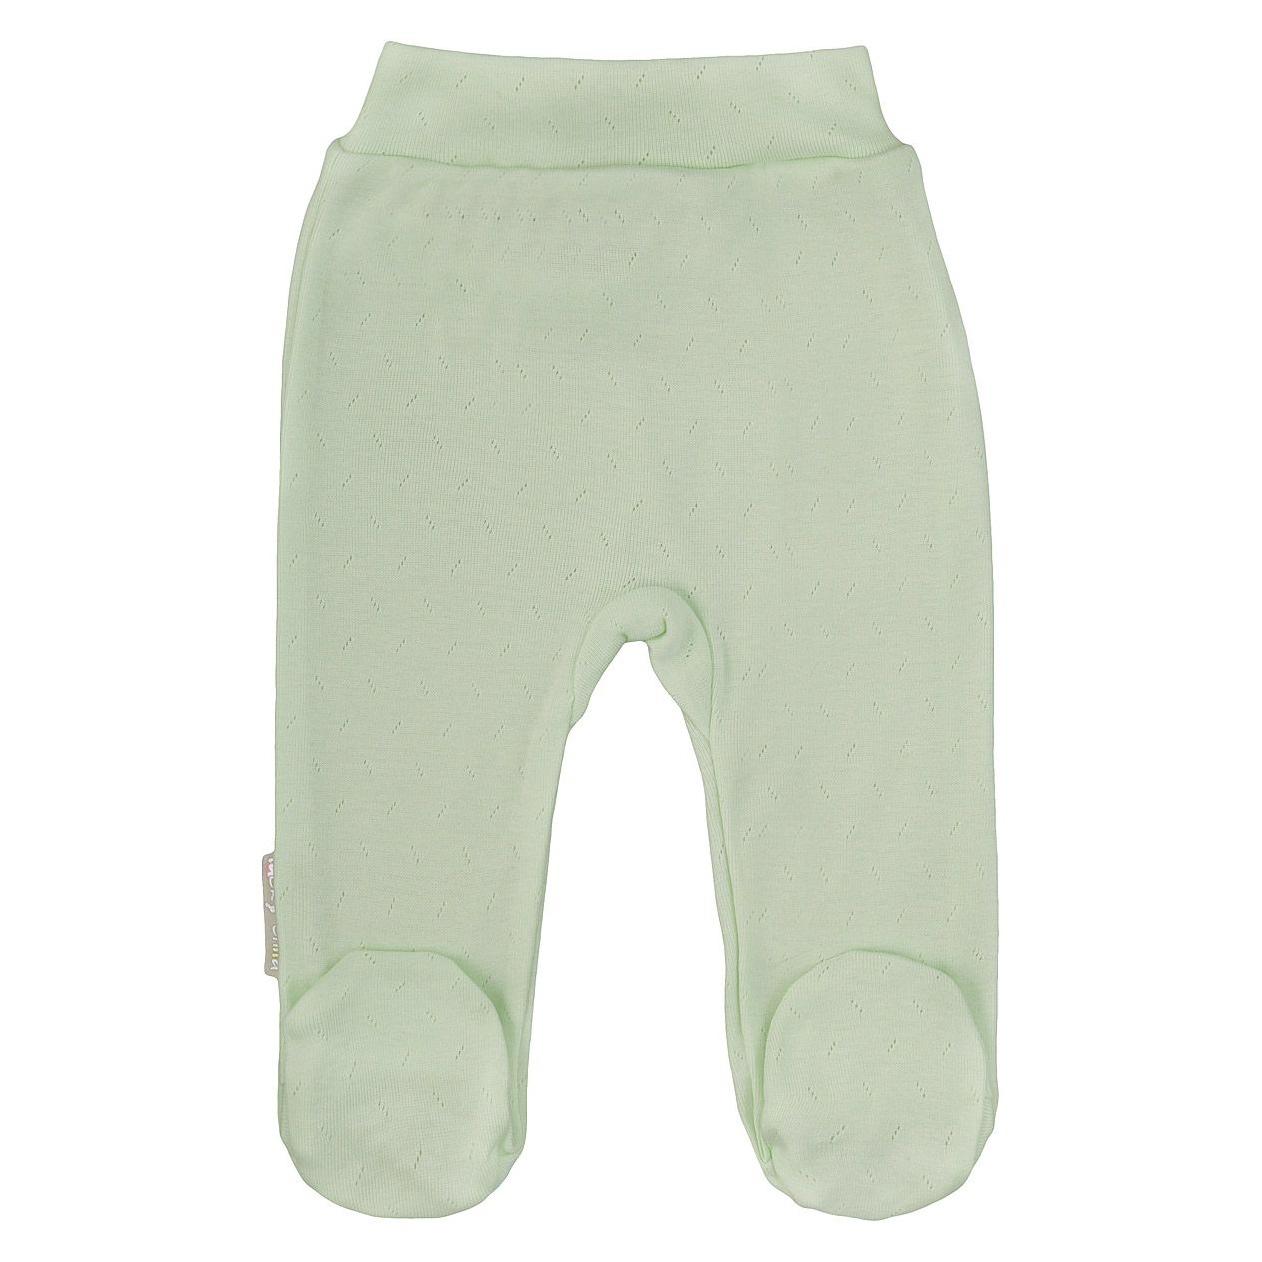 Фото - Ползунки Lucky Child Ажур зеленые 74-80 футболка lucky child ажур белая 74 80